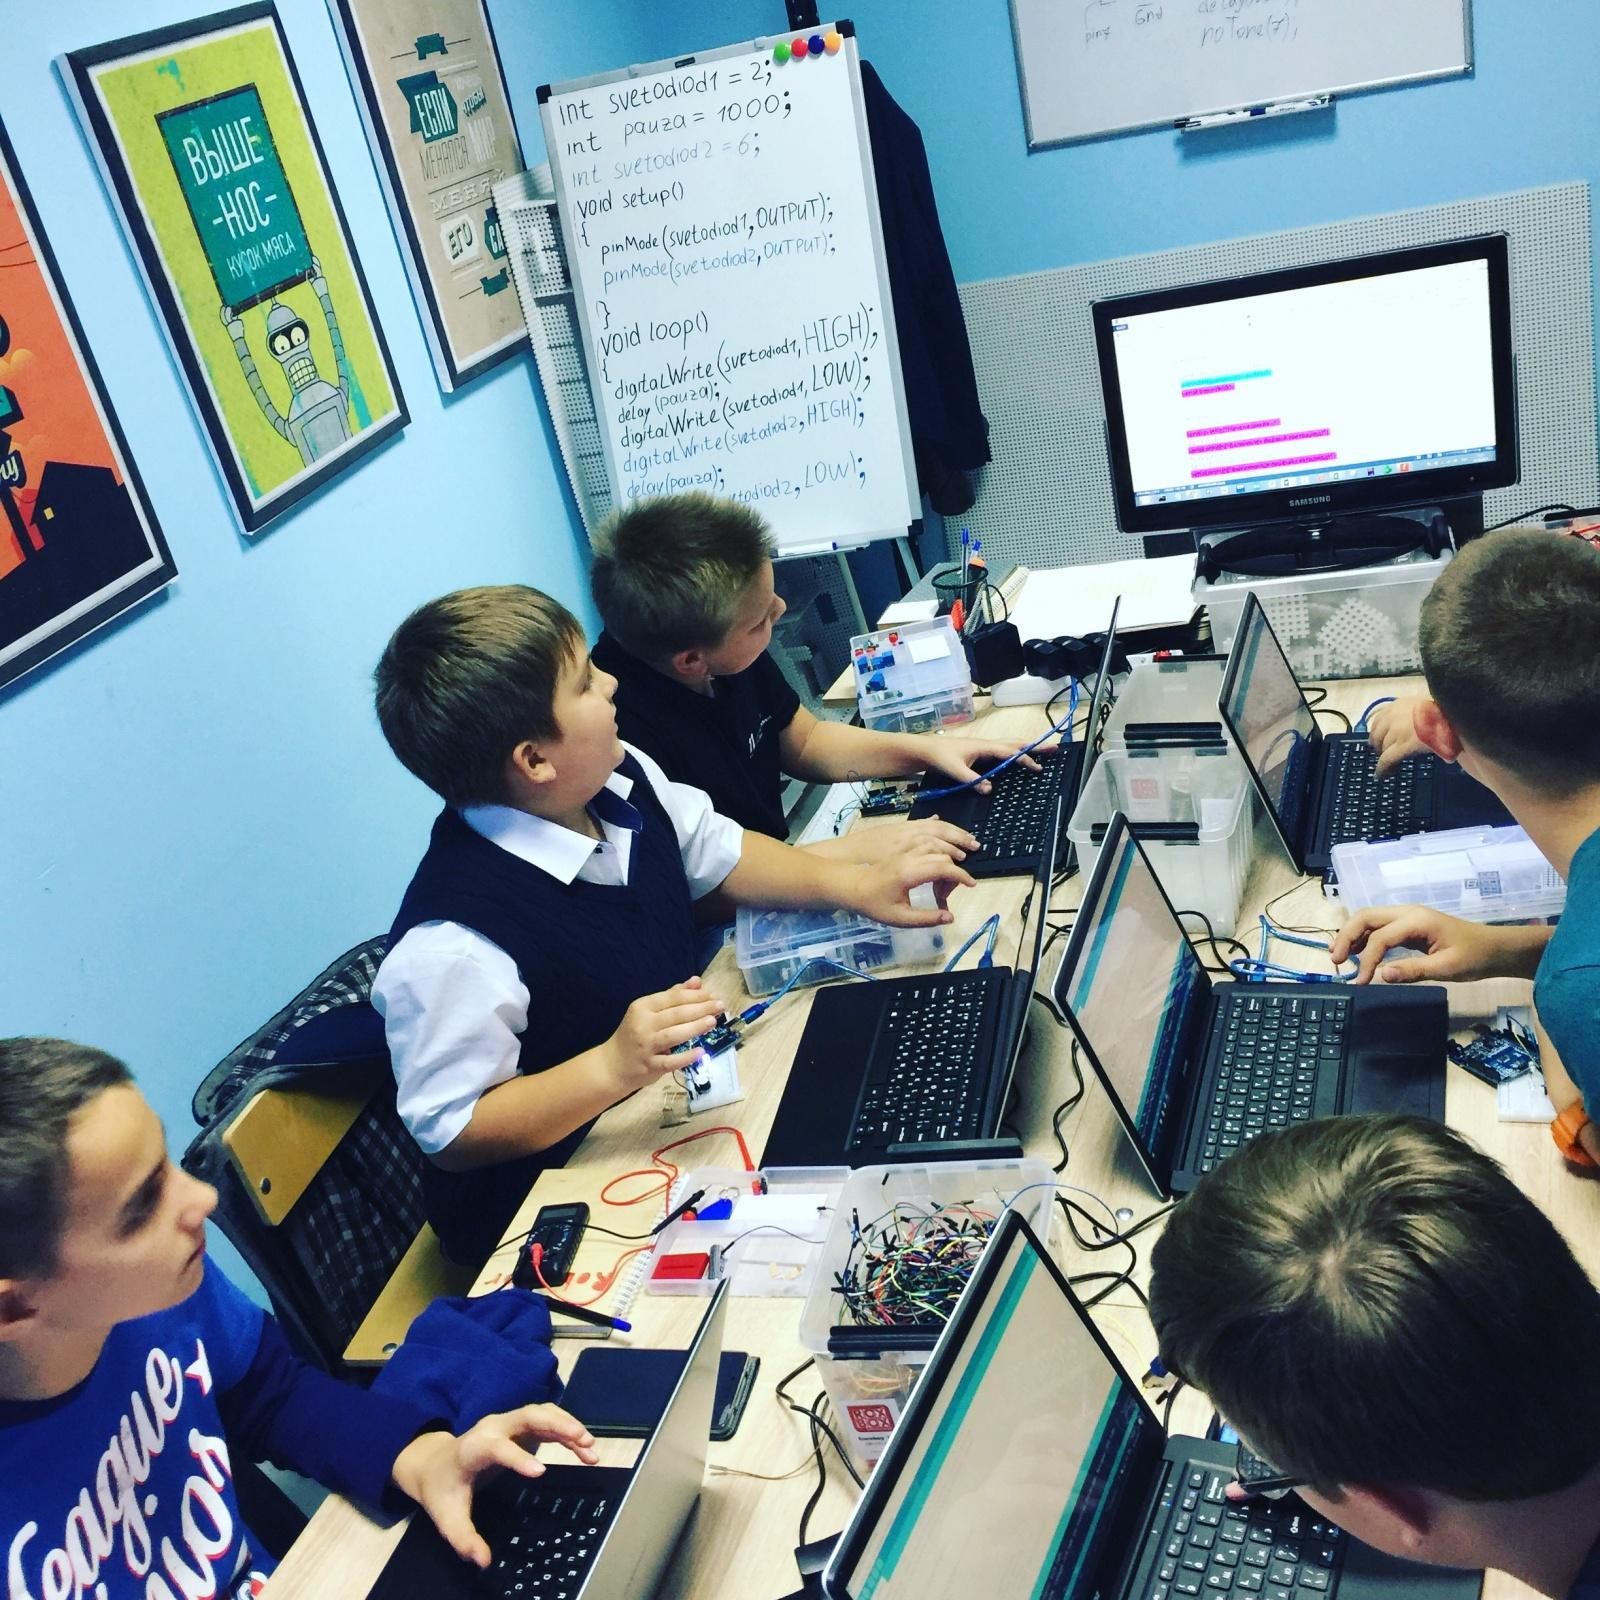 Как мы открывали детский центр робототехники в небольшом городке - 2